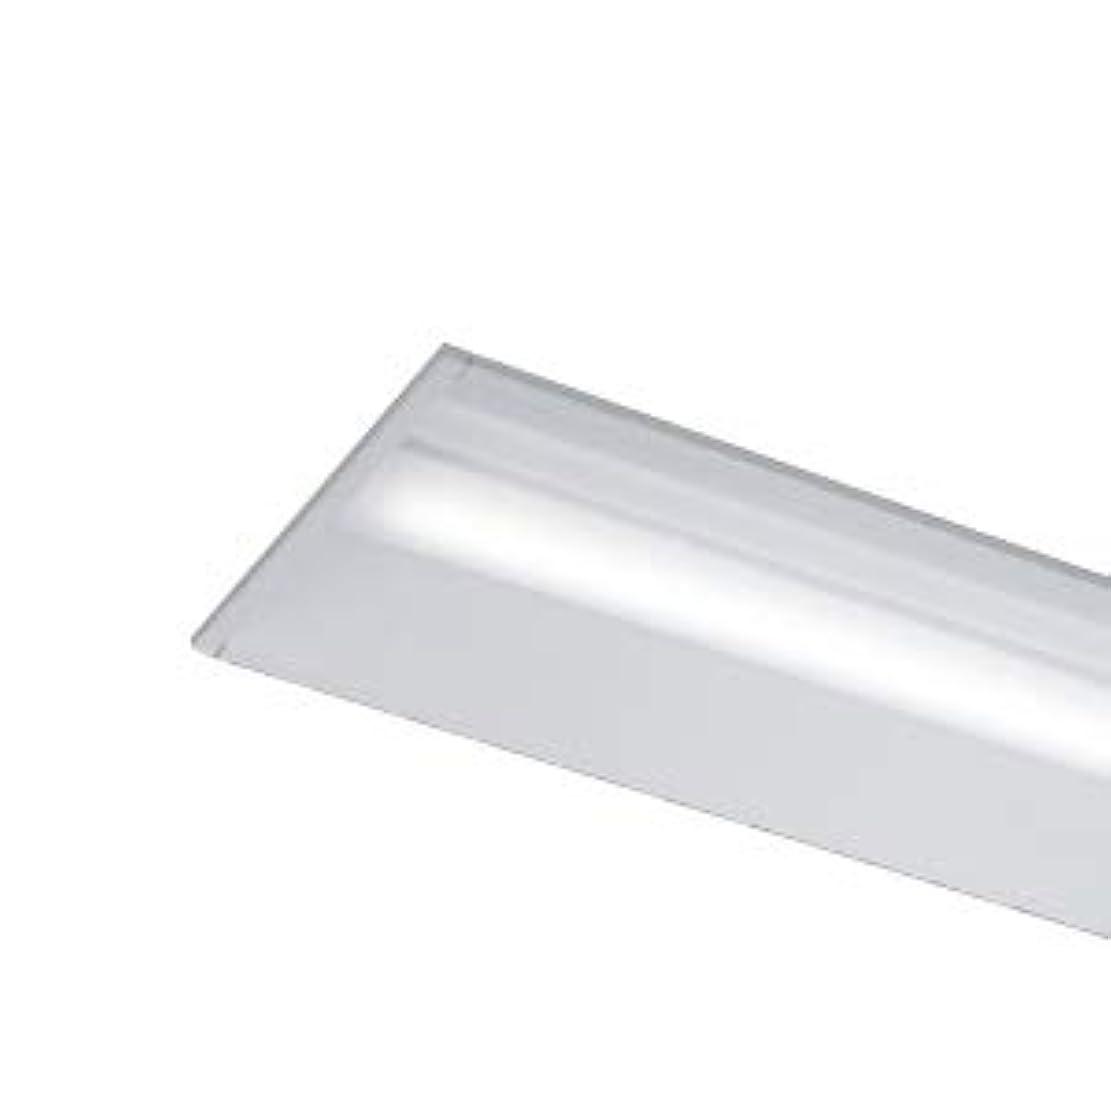 インストールレディ食べる東芝 LEDベースライト TENQOO 専用調光器対応 40タイプ 埋込形下面開放W300 一般5,200lmタイプ Hf32形×2灯 定格出力器具相当 白色 AC100V~242V LEDバー付き LEKR430523WLD9(LEER43002LD9+LEEM40523W01)